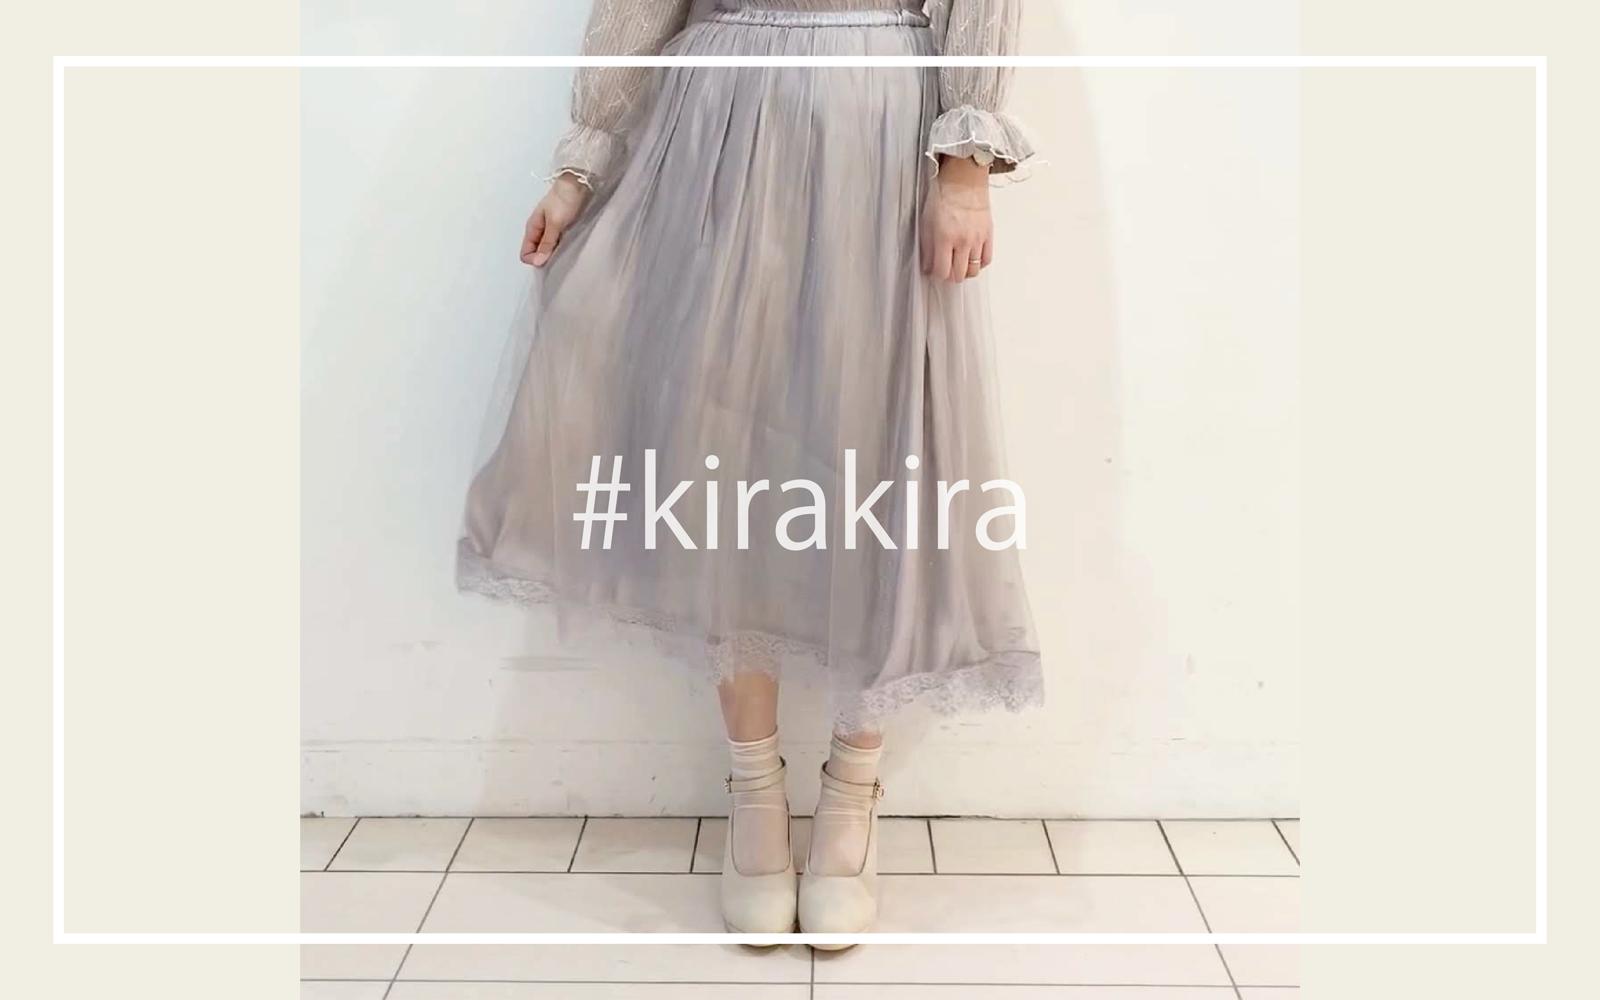 動くたびにキラキラ光る大人かわいいスカート♡